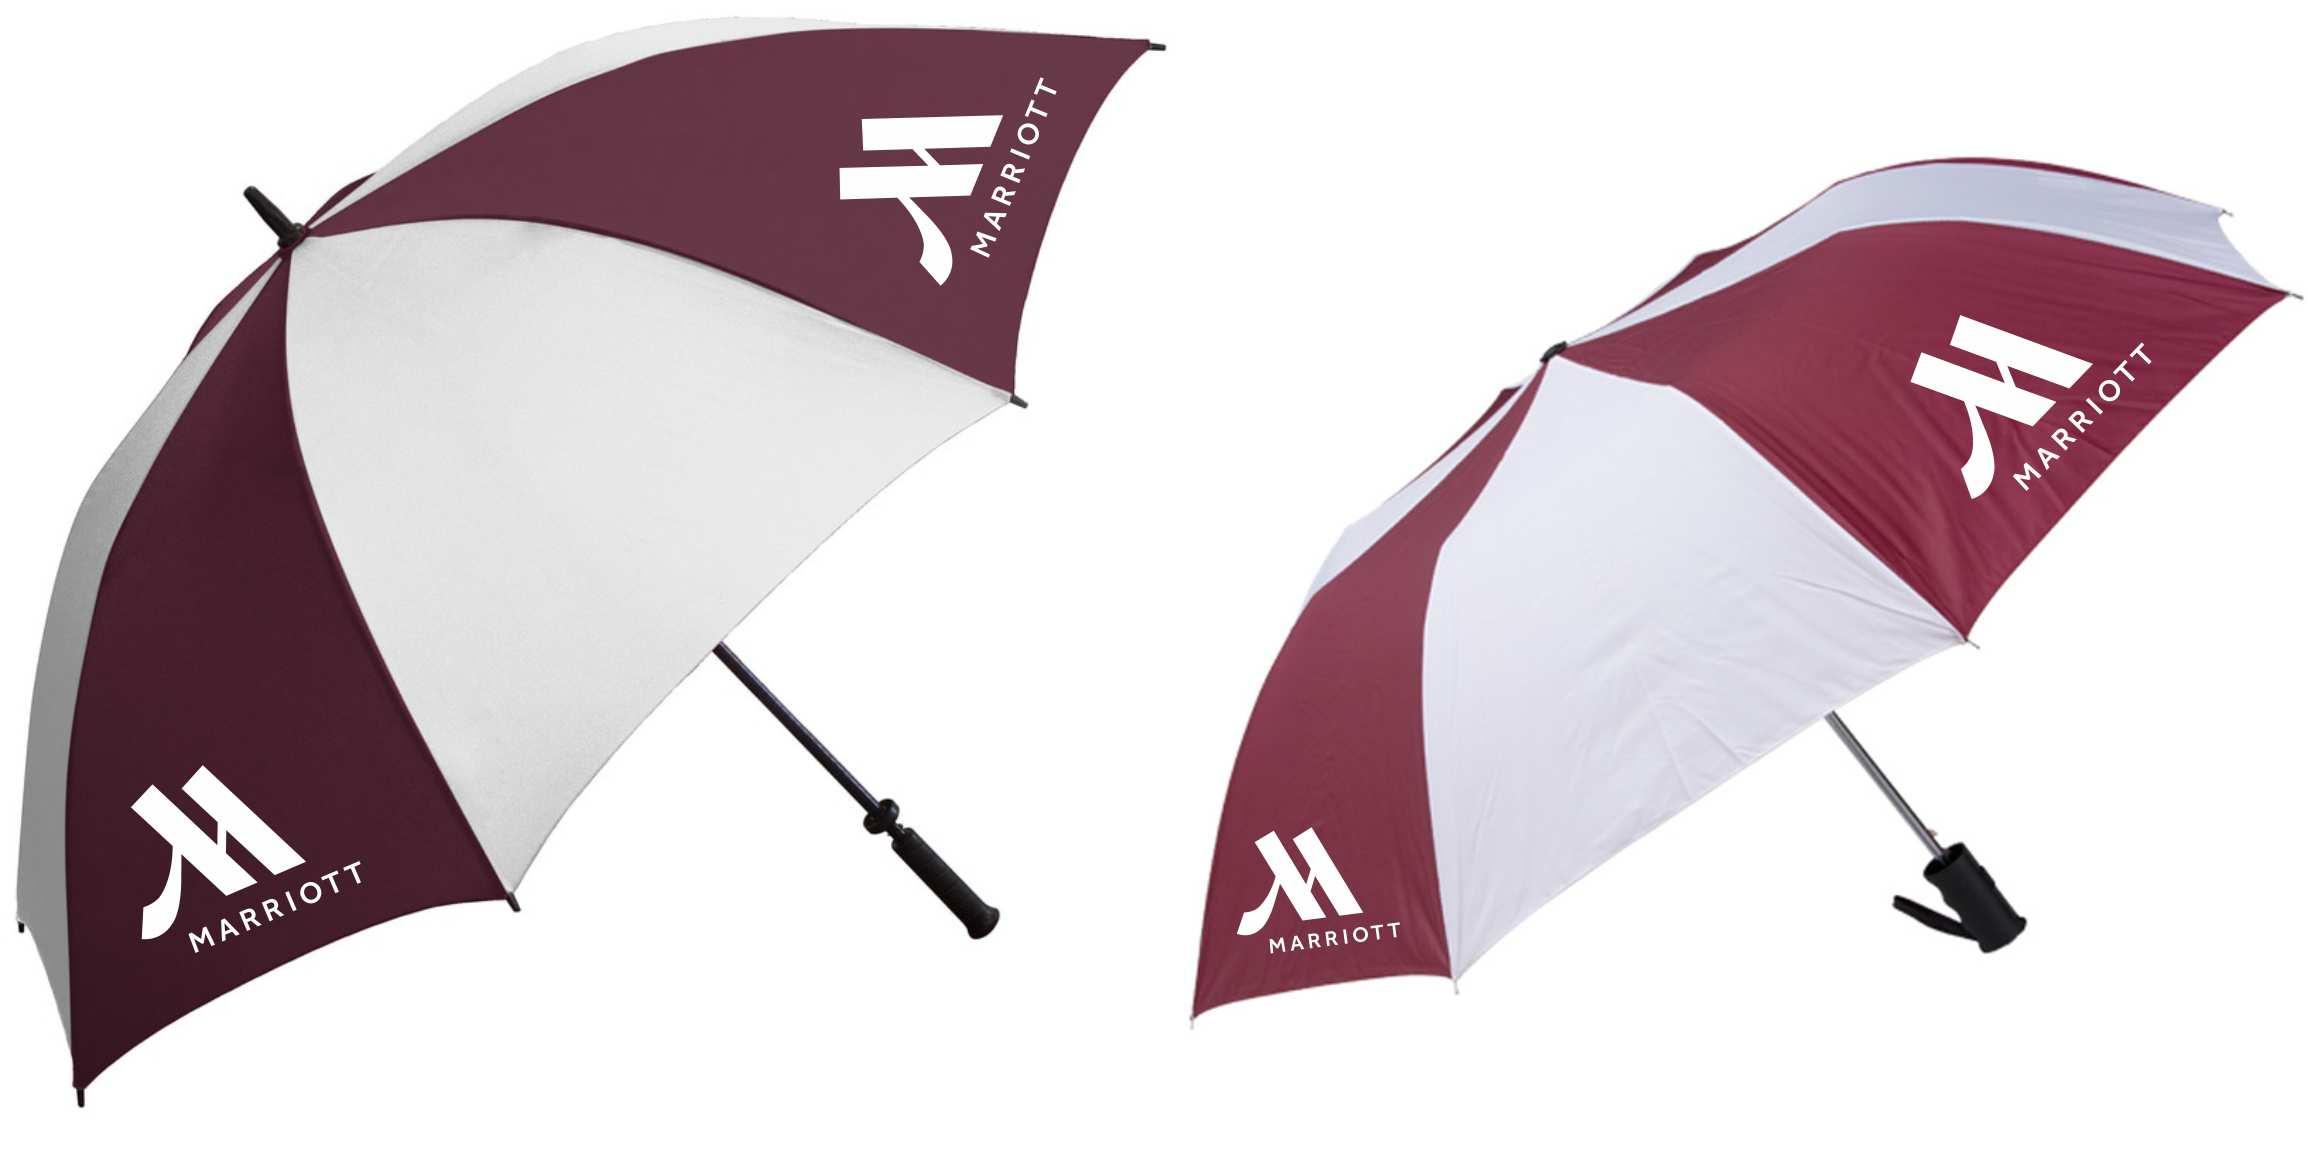 """62"""" Golf/Gatehouse Umbrellas + 42"""" Auto-Open Umbrellas.  2 LOGOS on each umbrella!"""